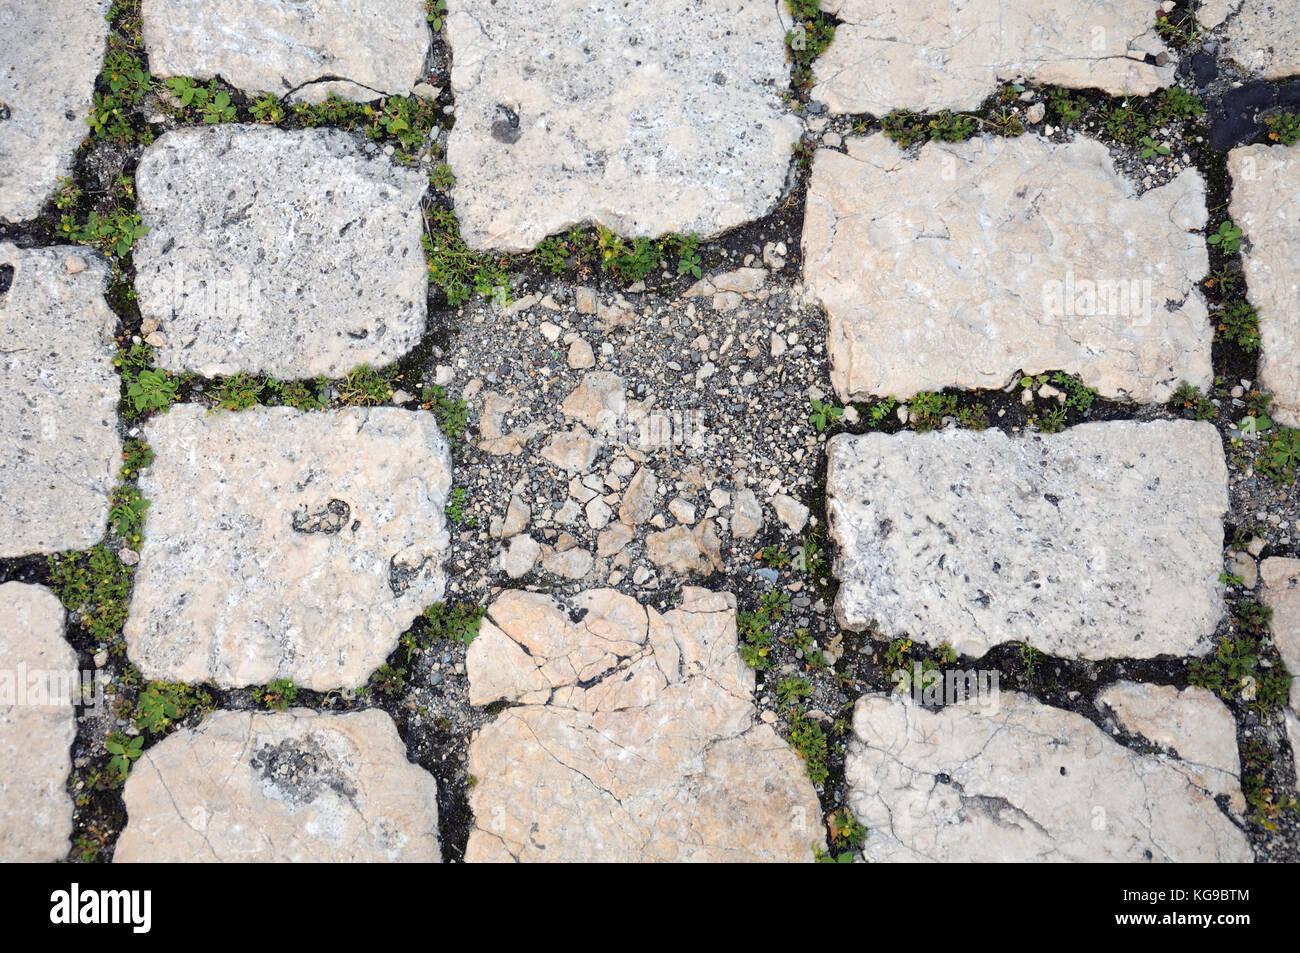 Pavimento In Pietra Calcarea : Vecchia pavimentazione di pietra calcarea foto immagine stock